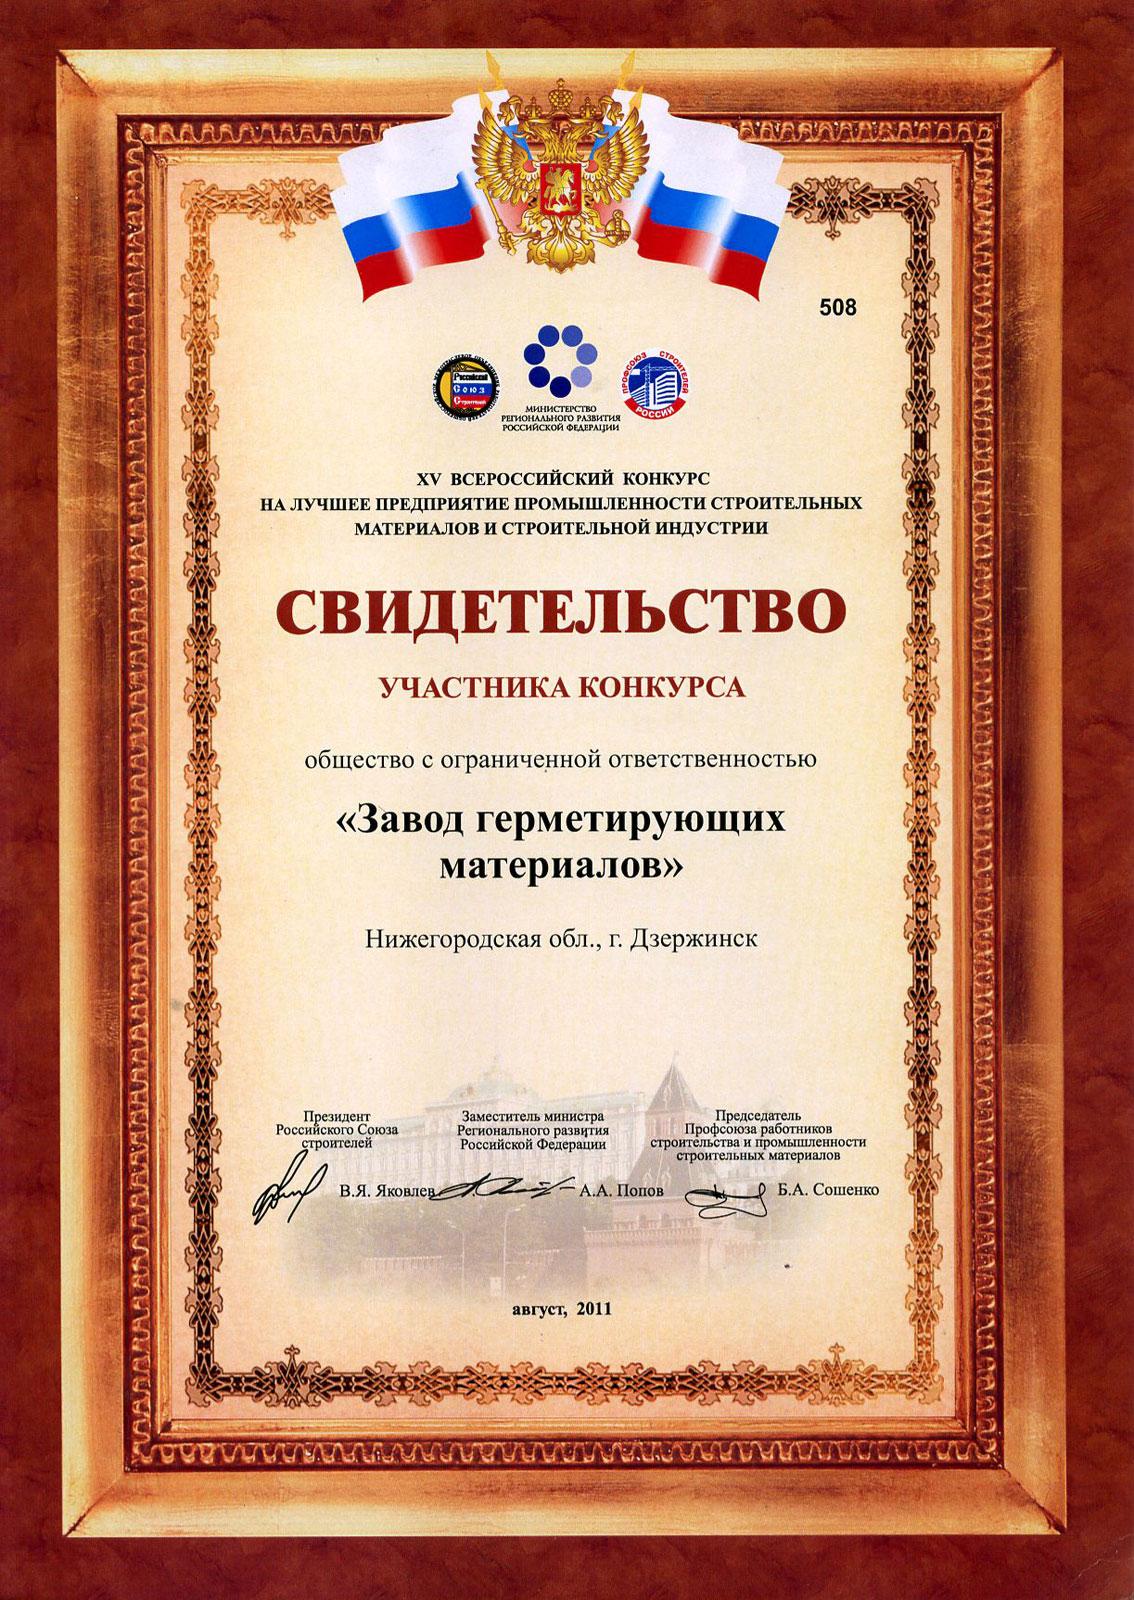 Всероссийский конкурс на лучшую организацию по условиям охраны труда